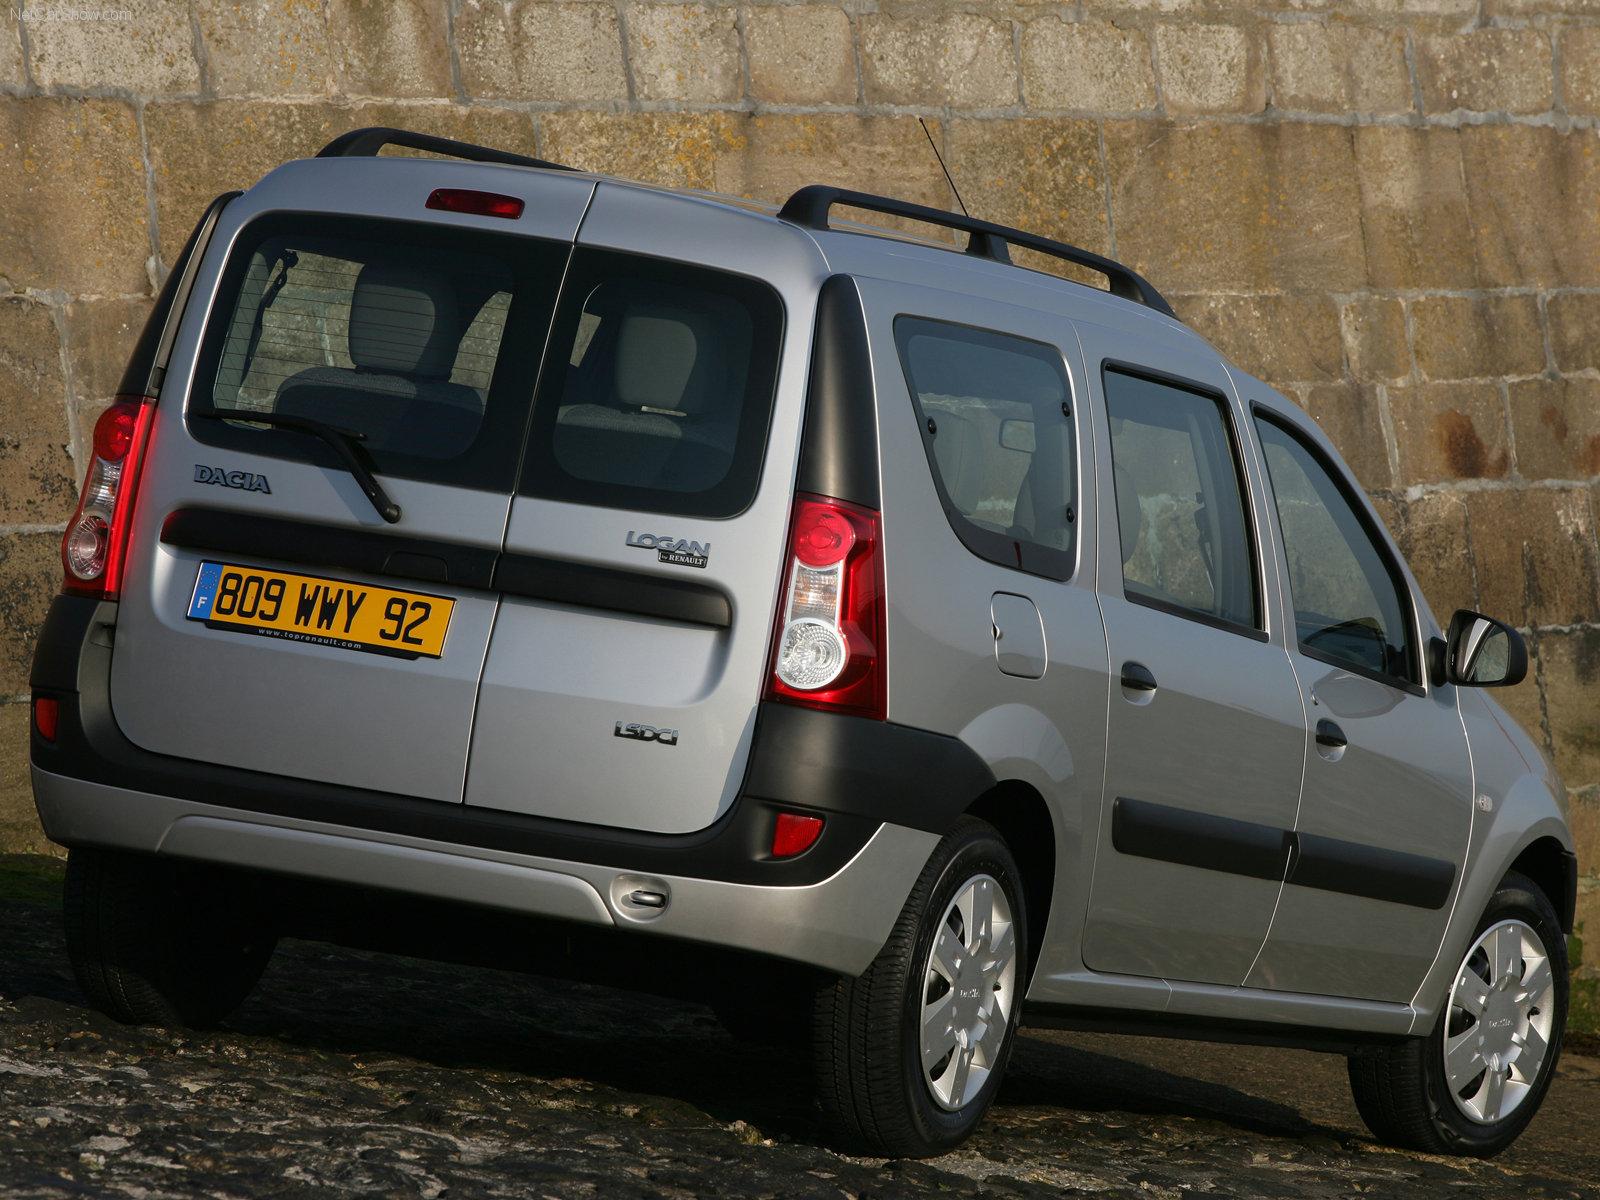 Dacia Logan MCV 2007 Dacia-Logan_MCV-2007-1600-17